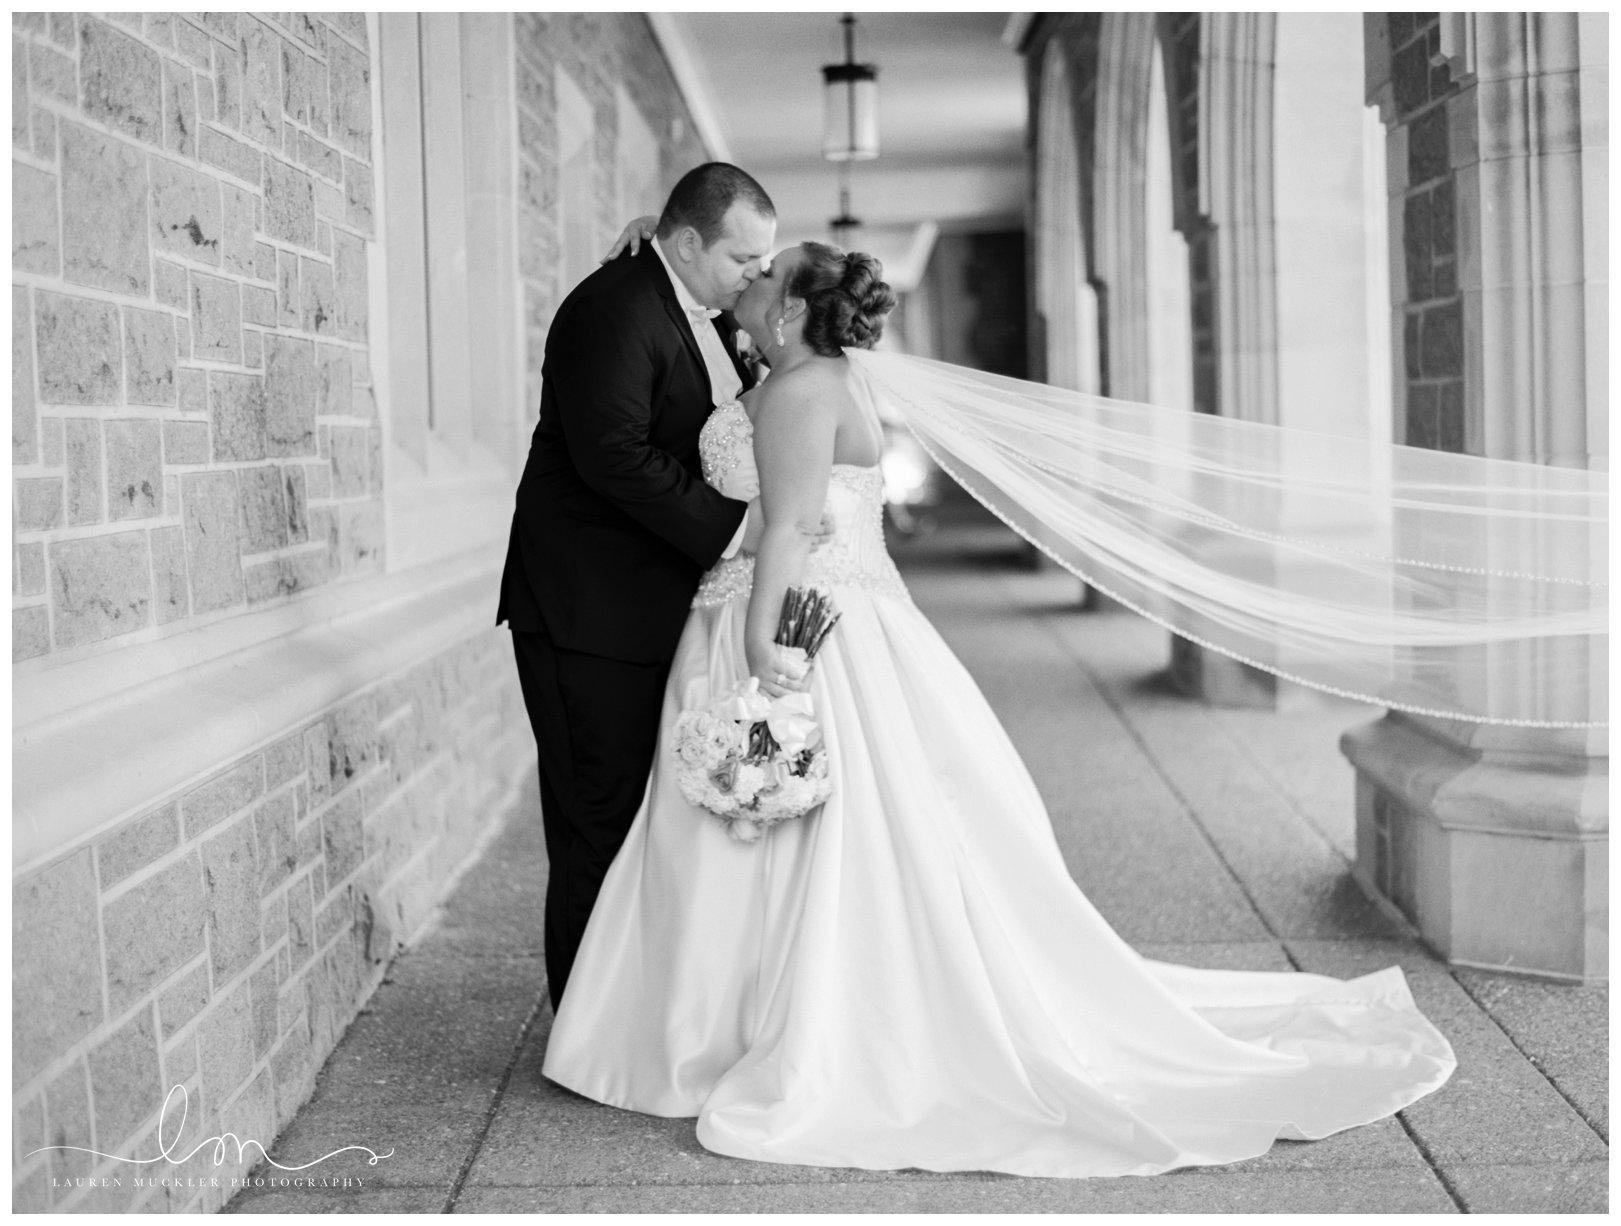 lauren muckler photography_fine art film wedding photography_st louis_photography_0626.jpg